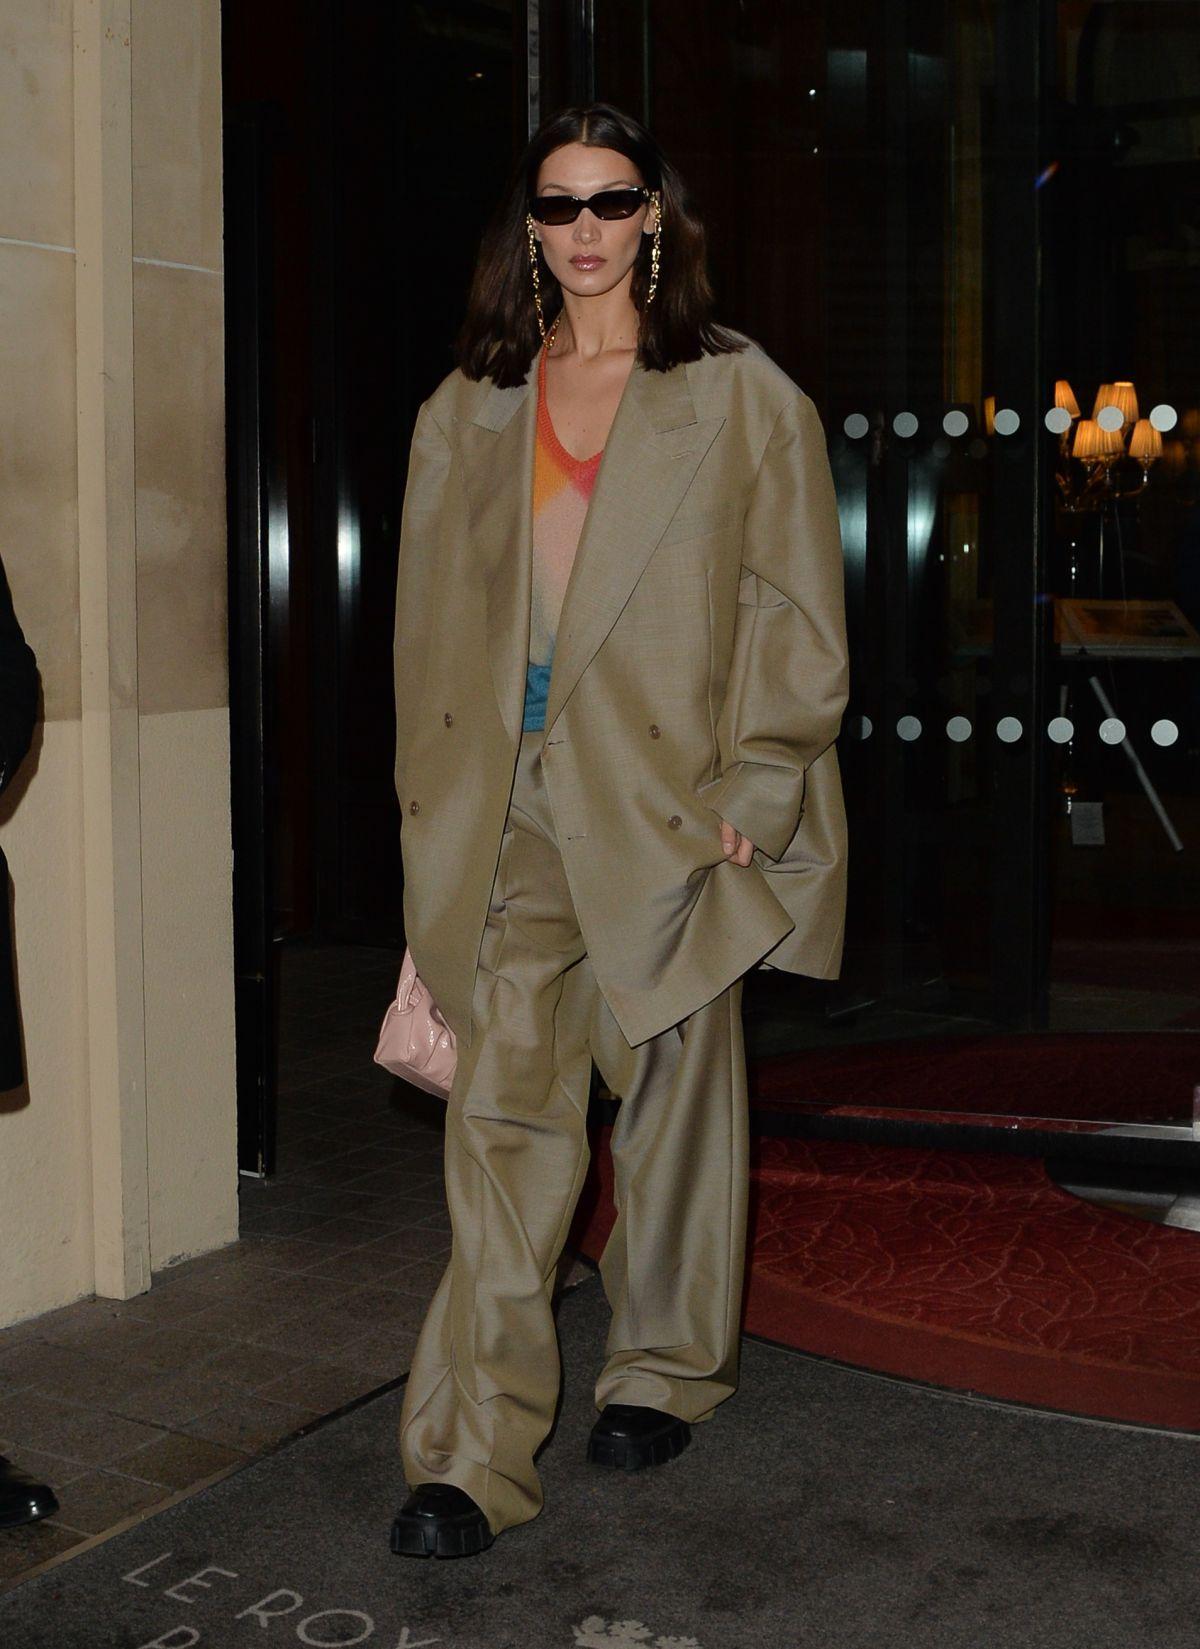 Photo of Bella Hadid Leaves Her Hotel in Paris 02/28/2020.